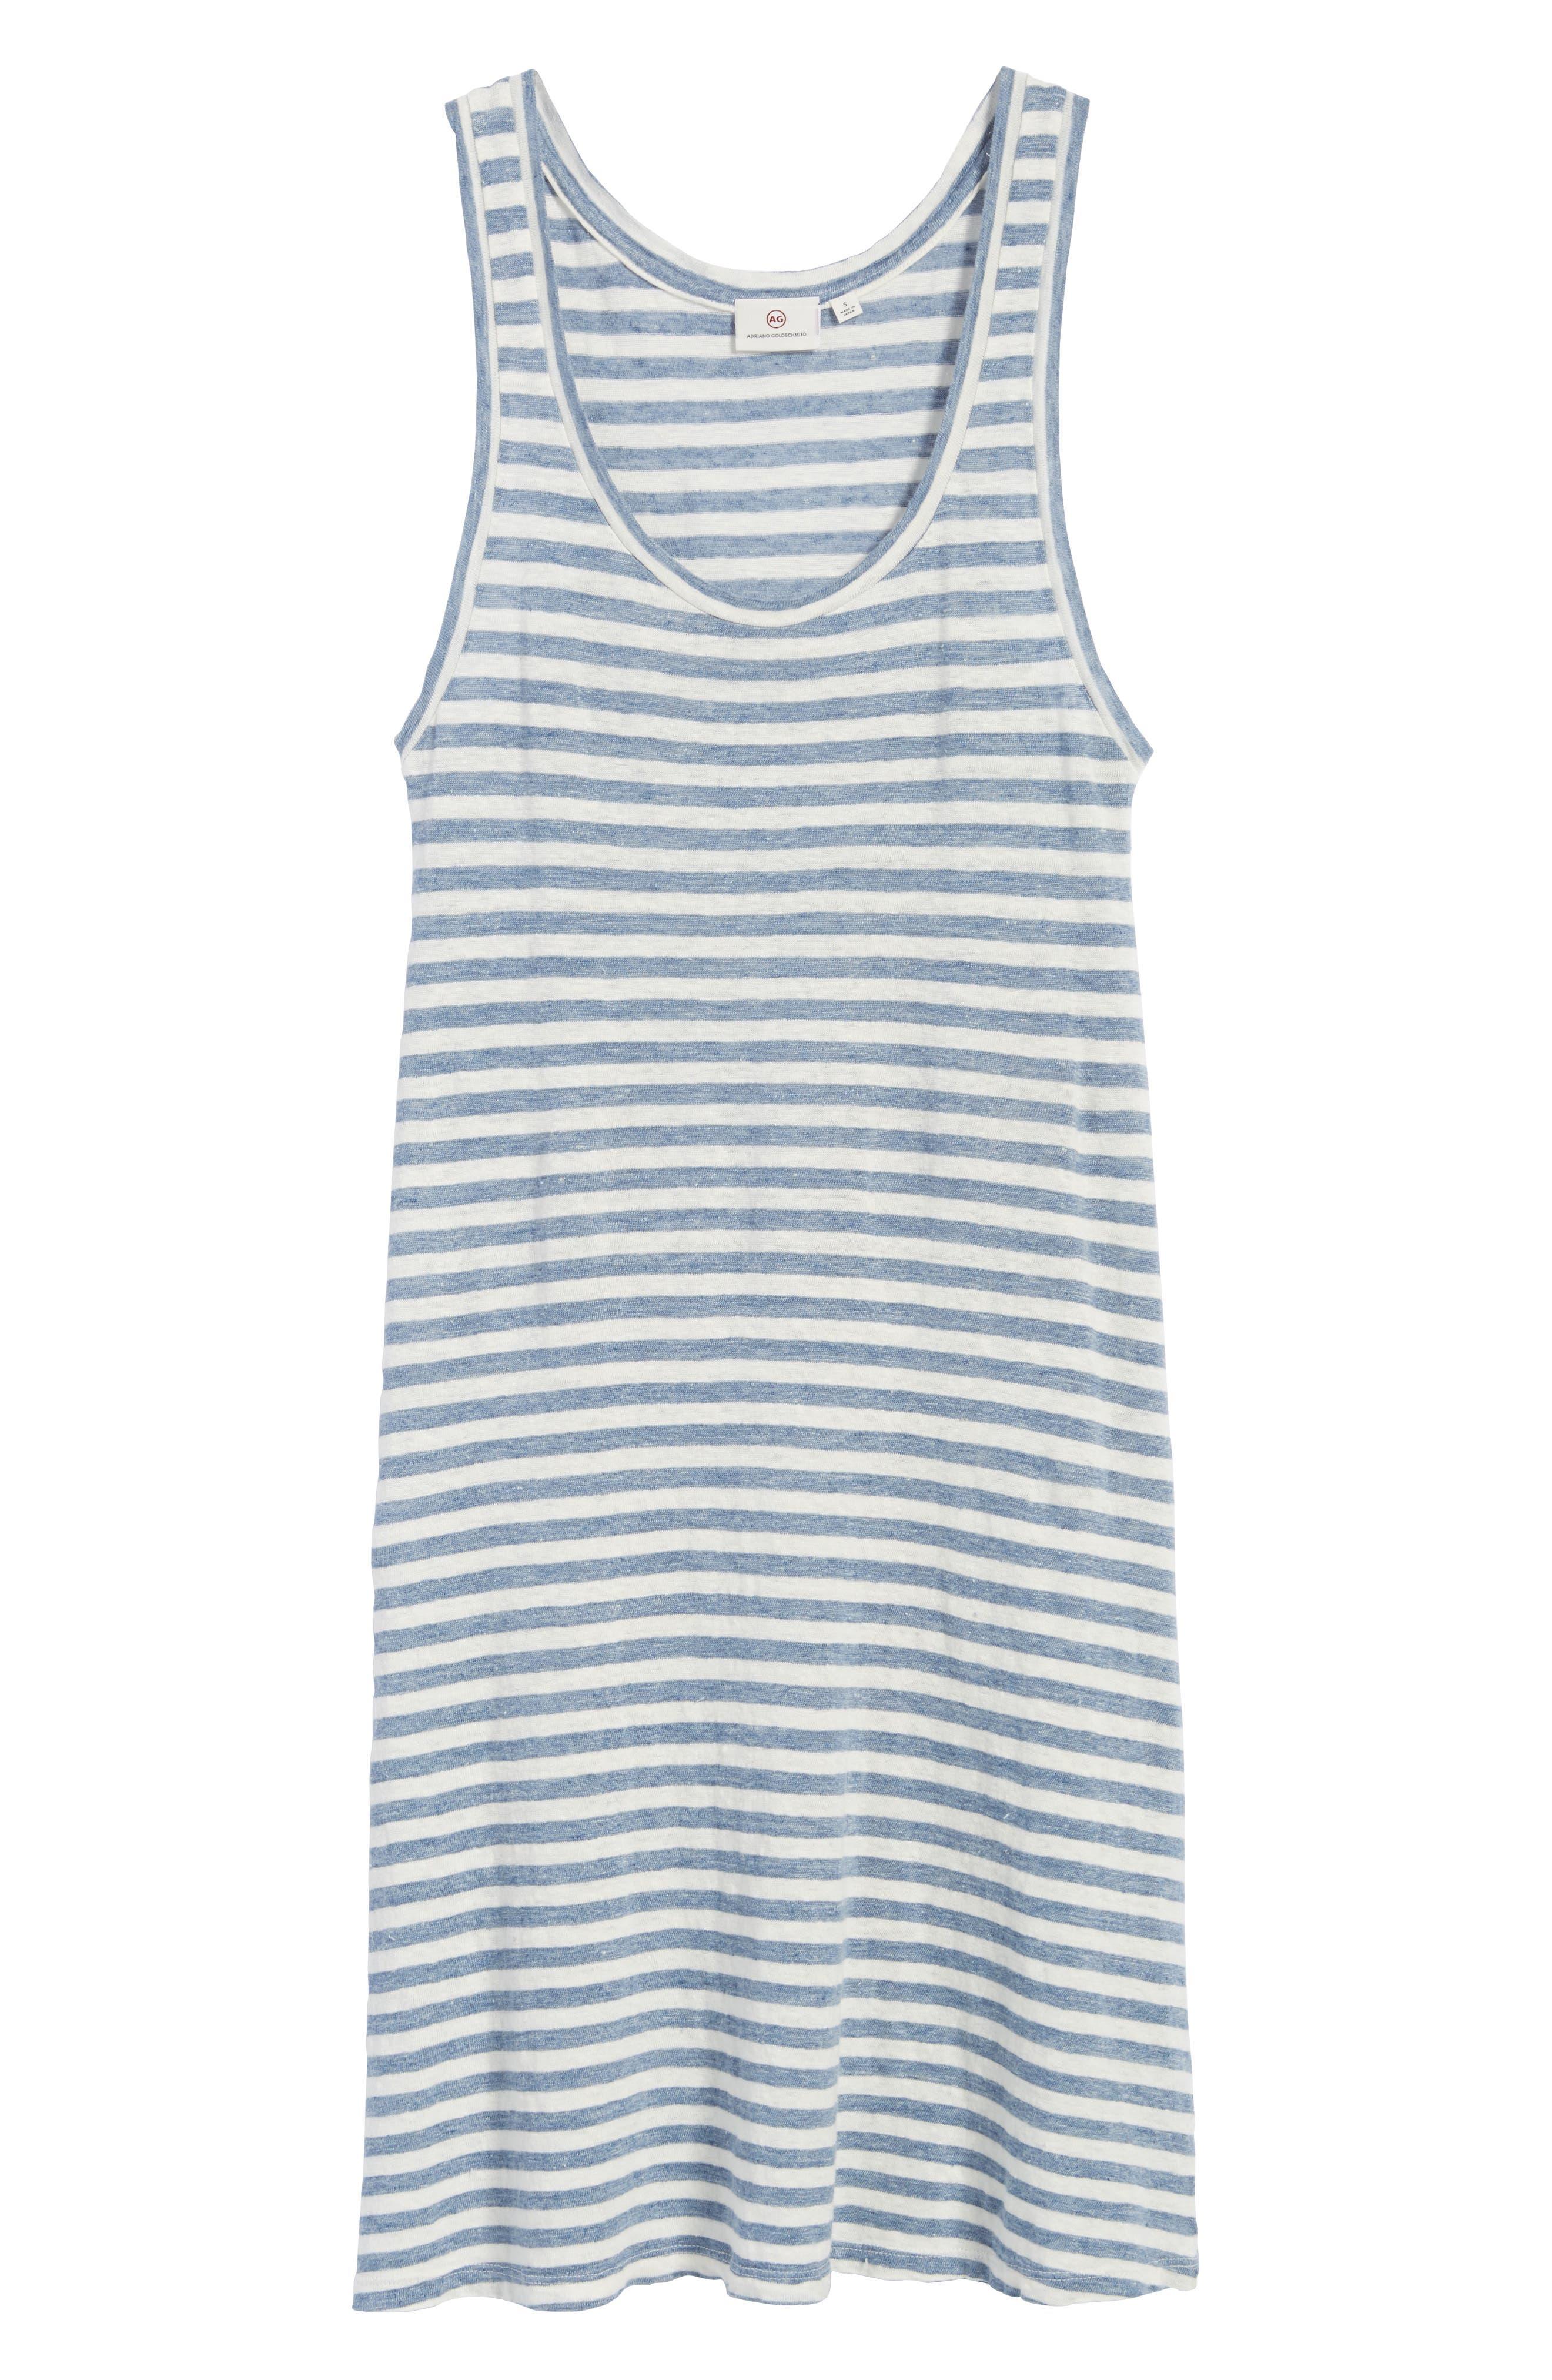 Avril Linen Tank Dress,                             Alternate thumbnail 6, color,                             433